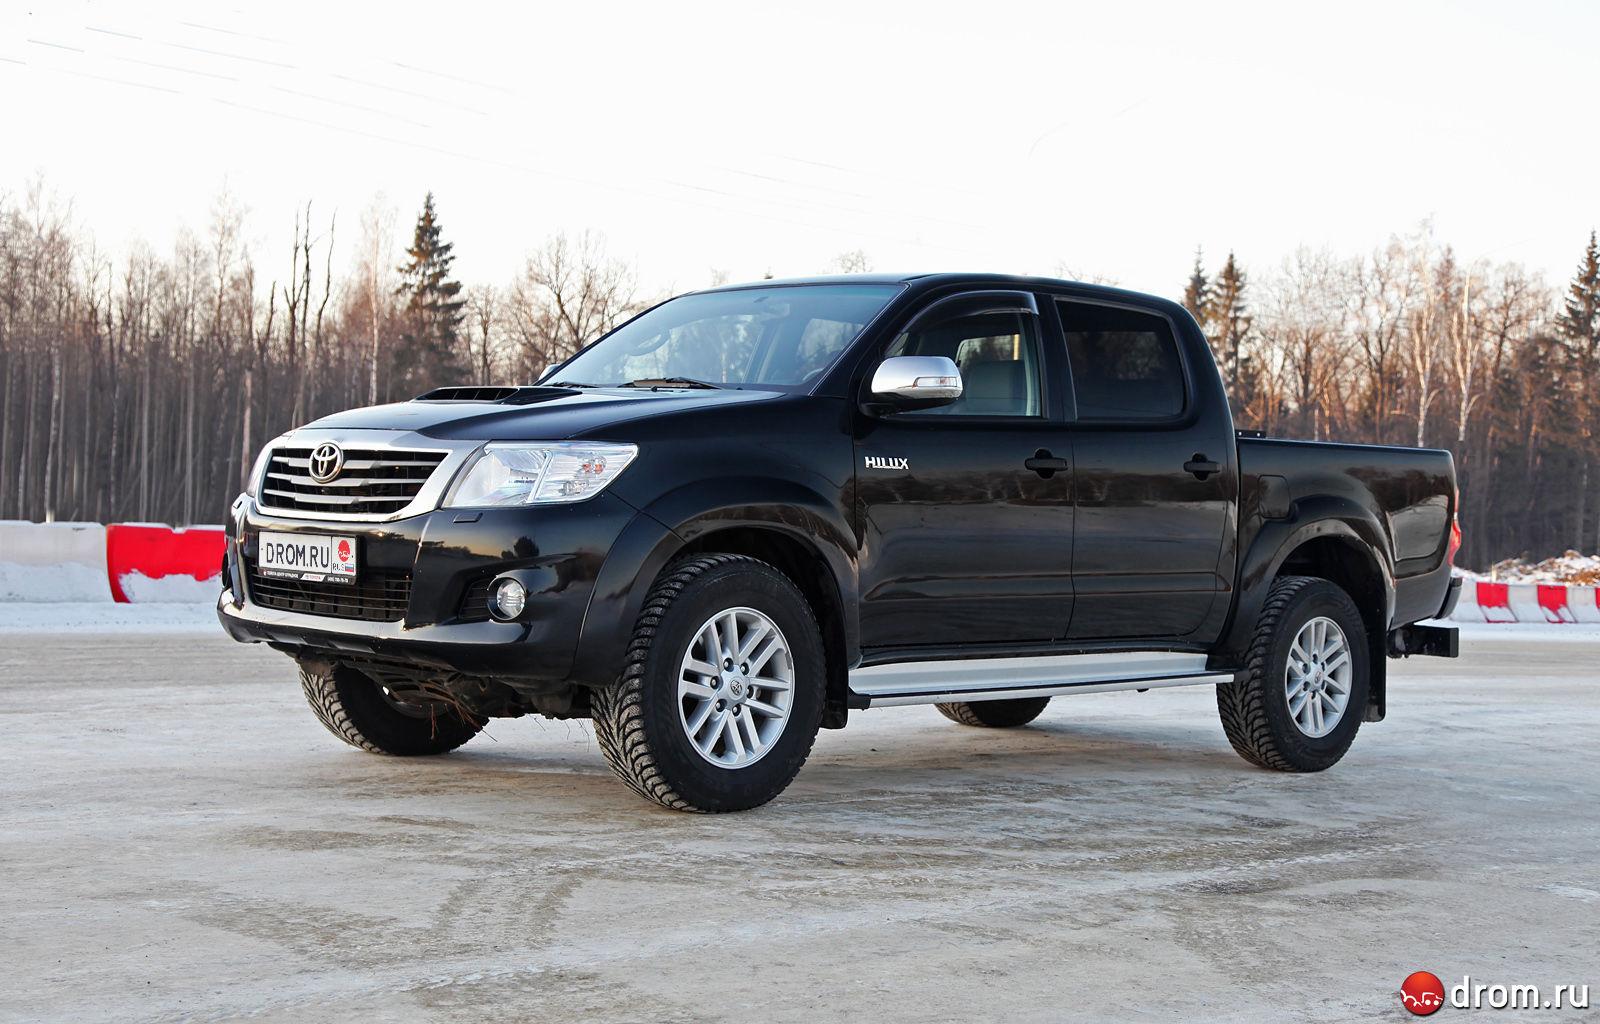 Toyota Hilux Surf - технические ... - Drom.ru